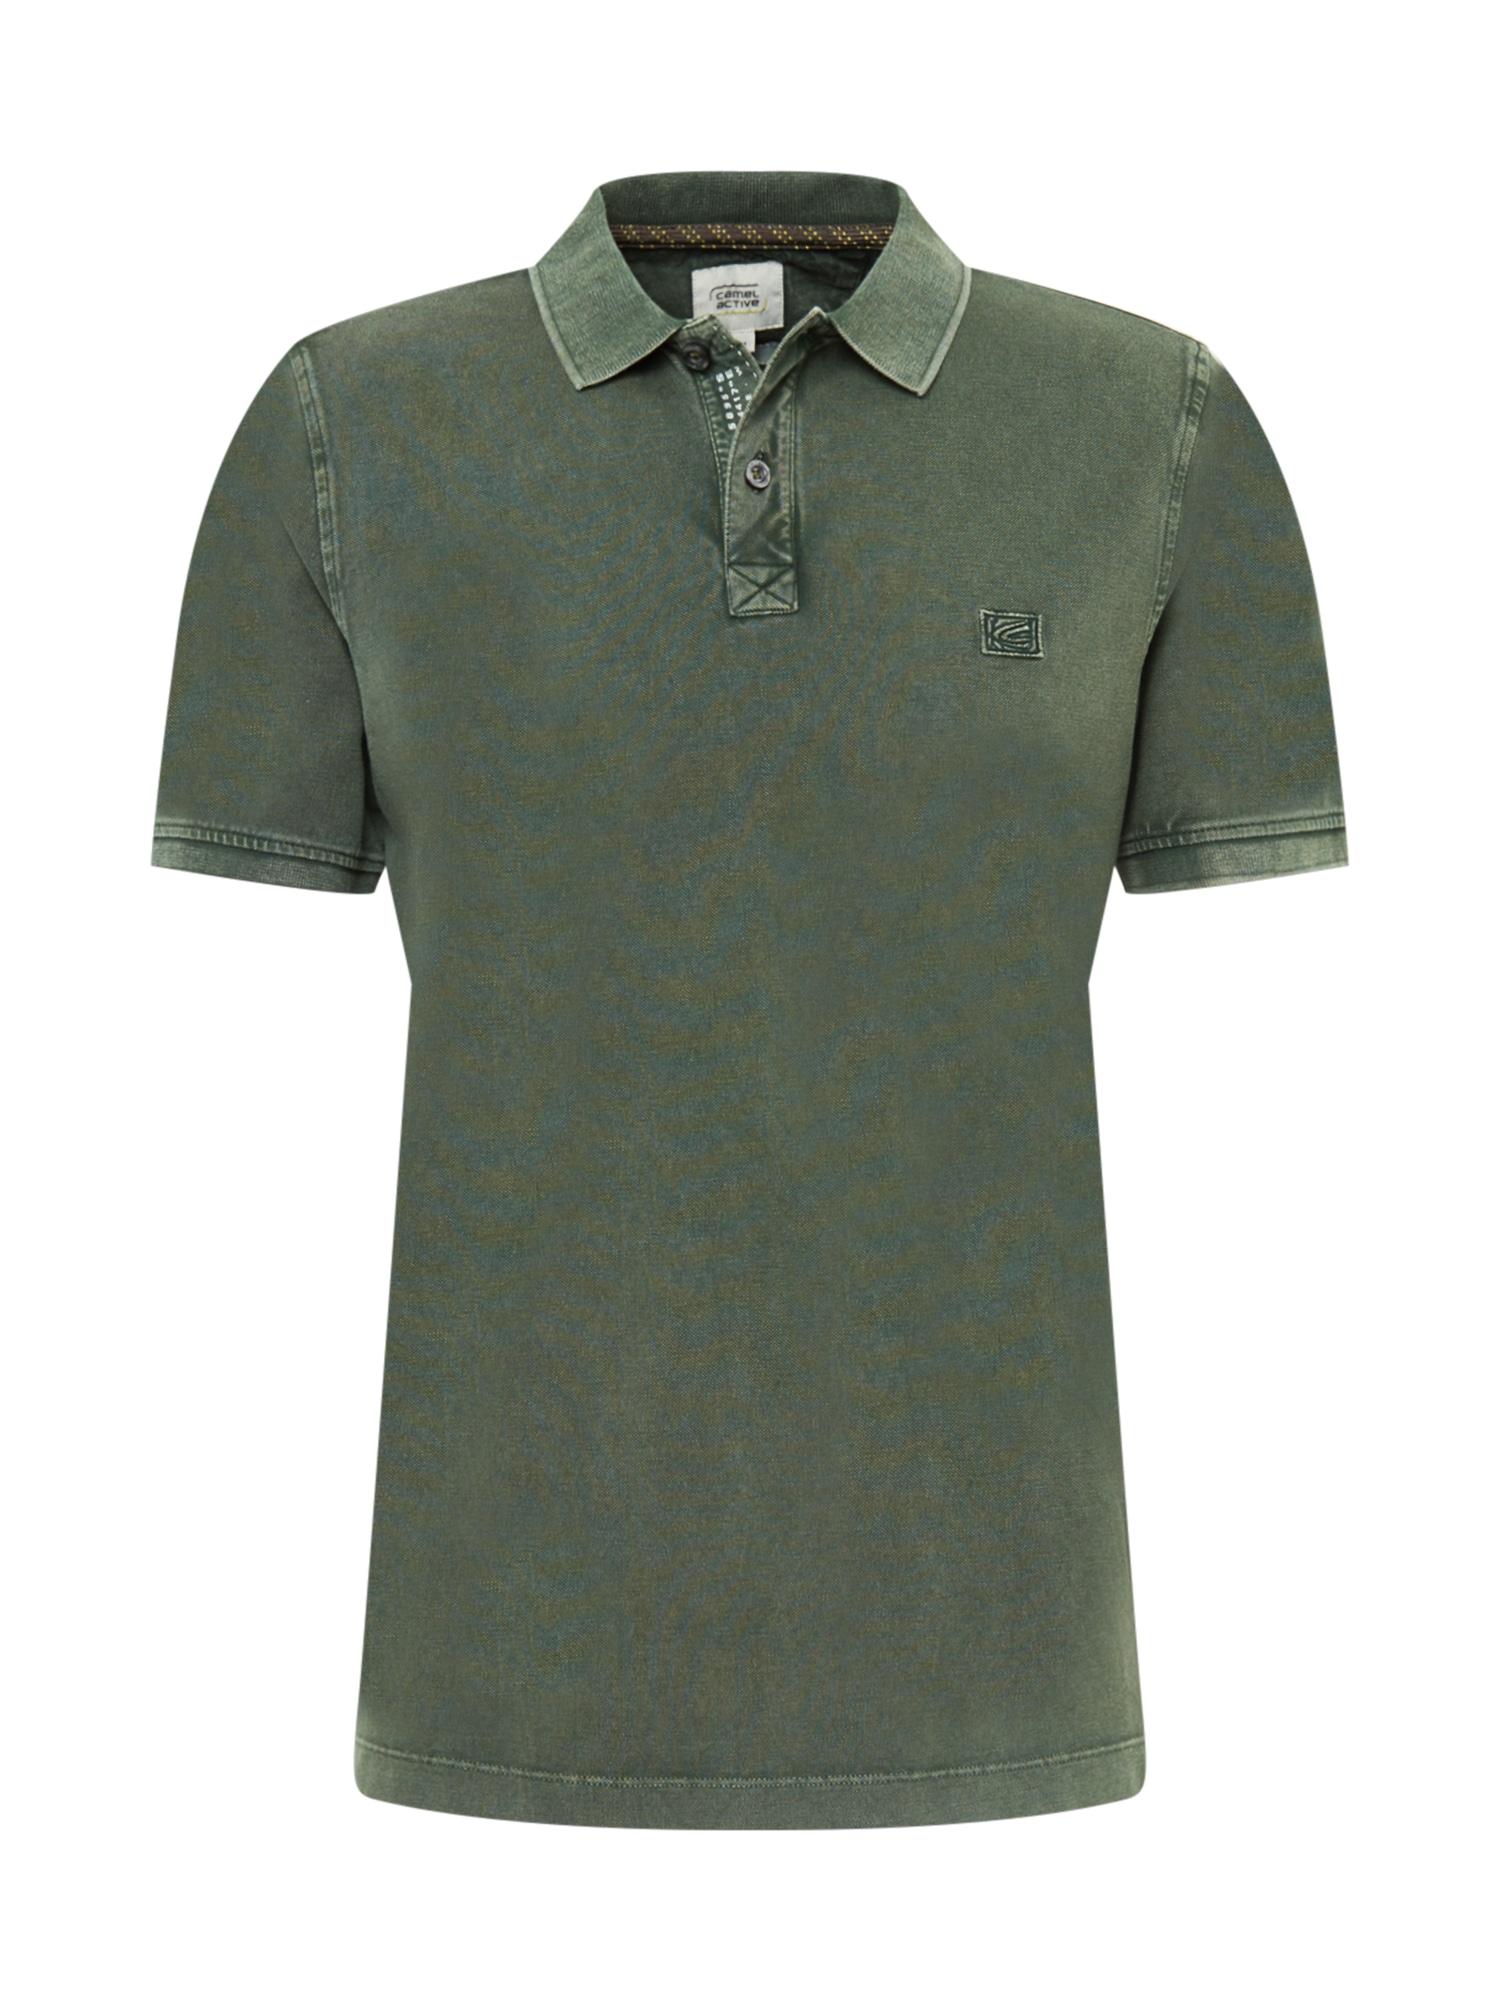 CAMEL ACTIVE Marškinėliai alyvuogių spalva